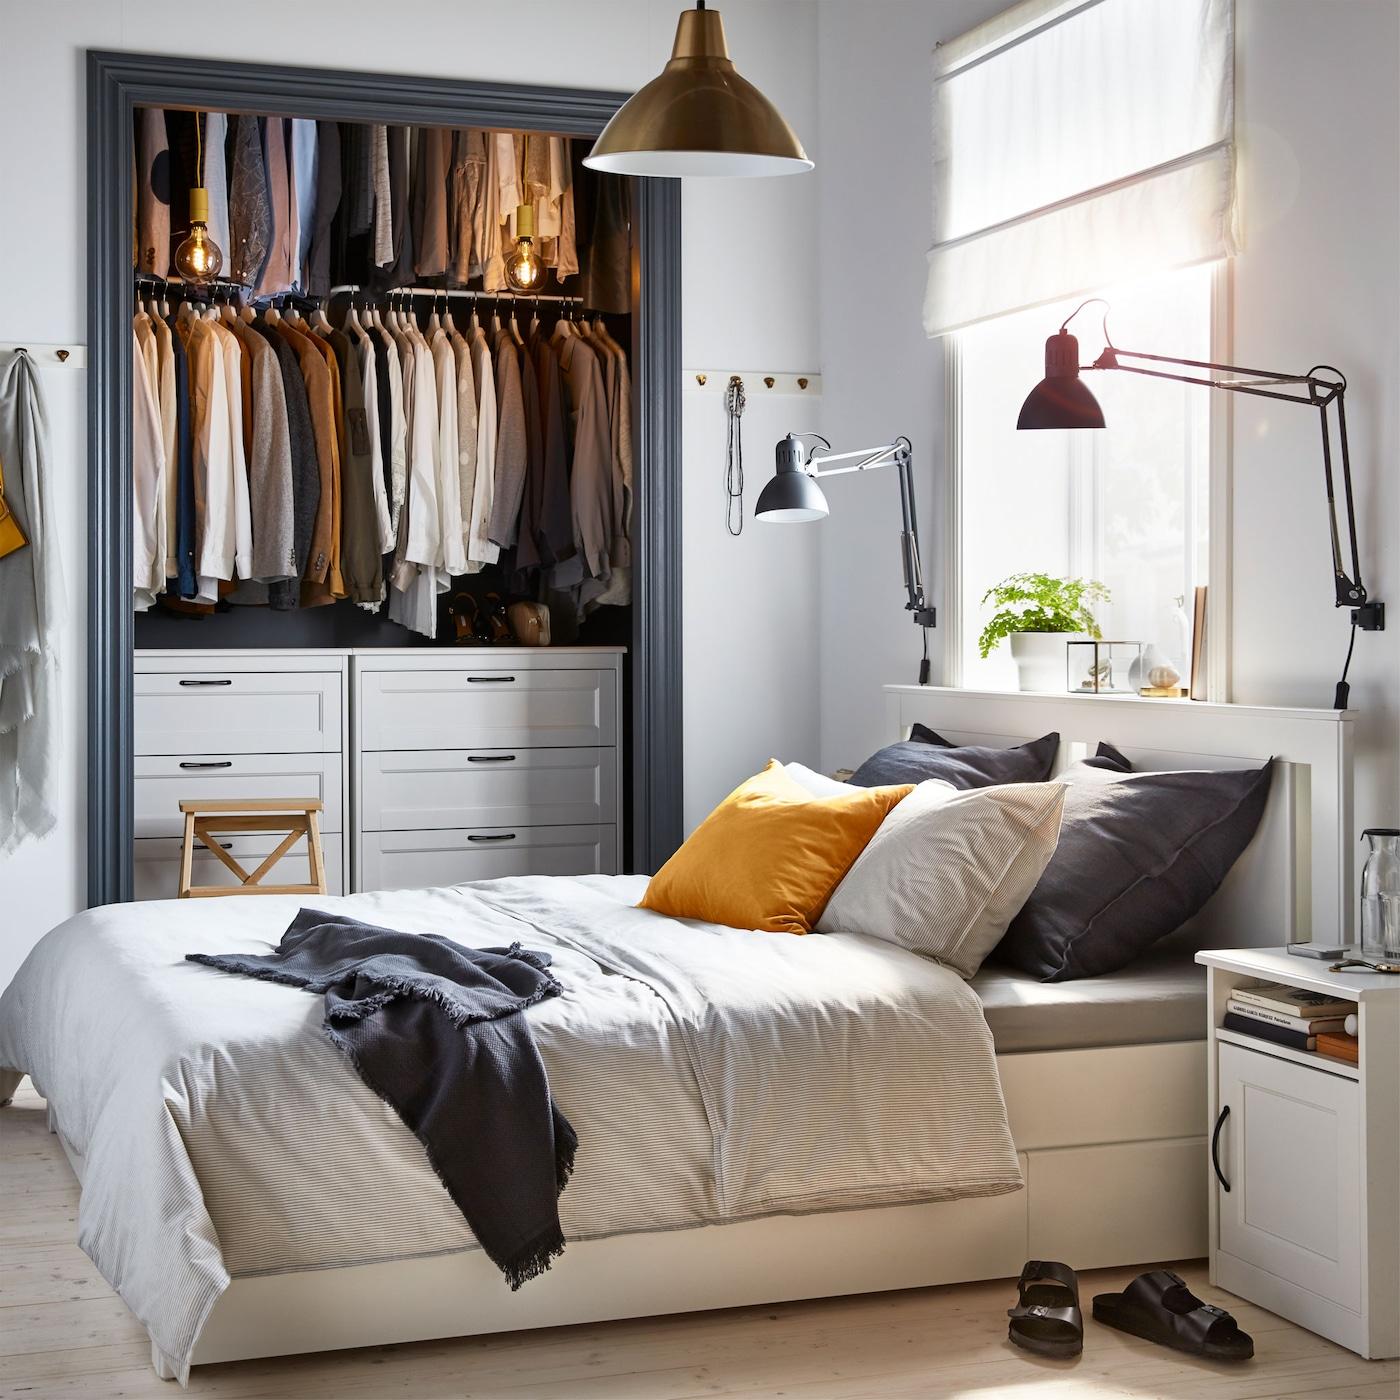 Elegant Geschmackvoll, Stilvoll Und Jede Menge Aufbewahrung U2013 Dieses Schlafzimmer  Ist Ein Alleskönner